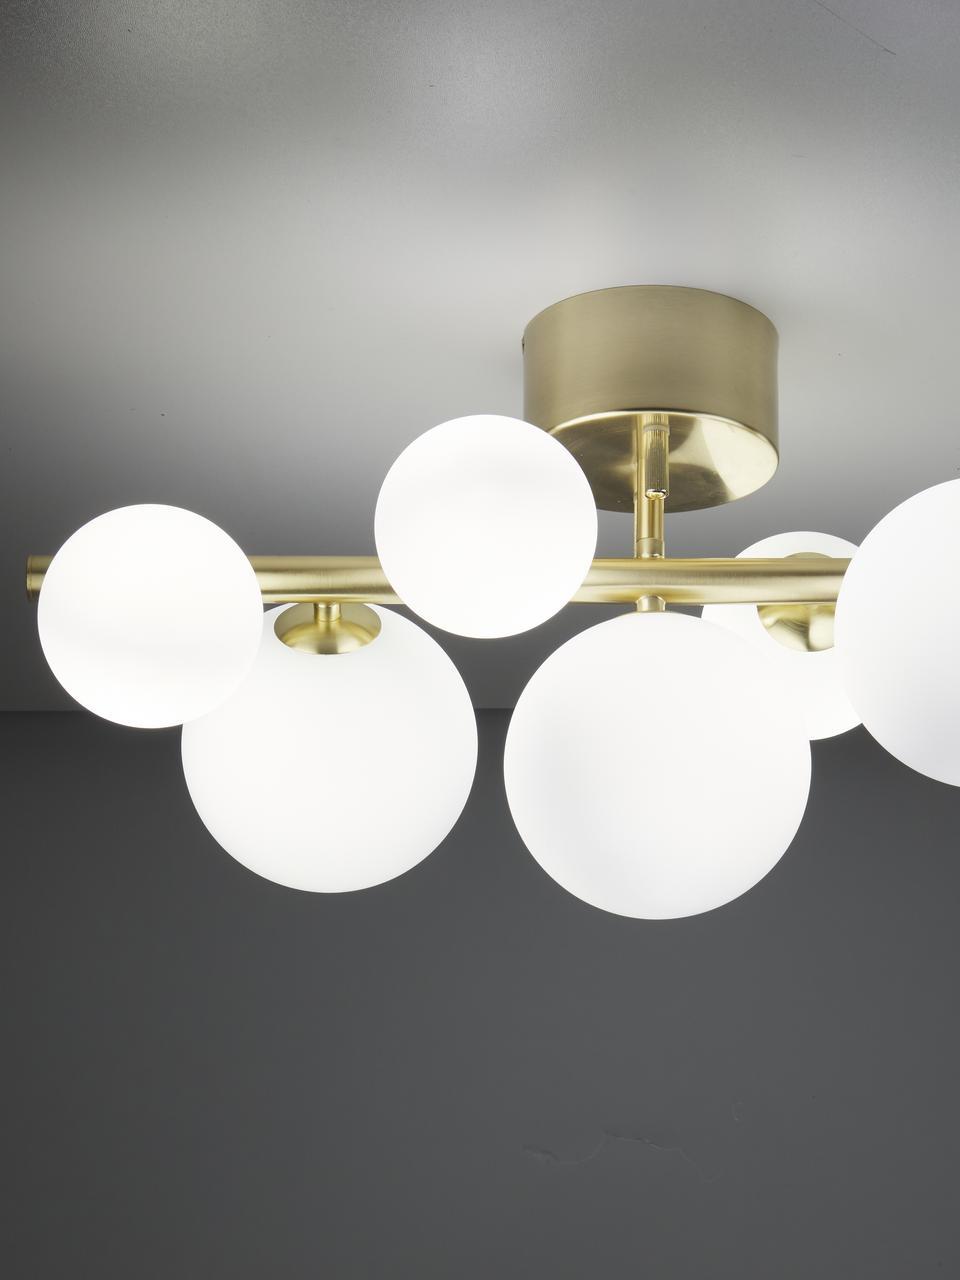 Lampada da soffitto dorata Molecyl, Paralume: vetro opale, Ottone, bianco opalino, Larg. 58 x Alt. 30 cm